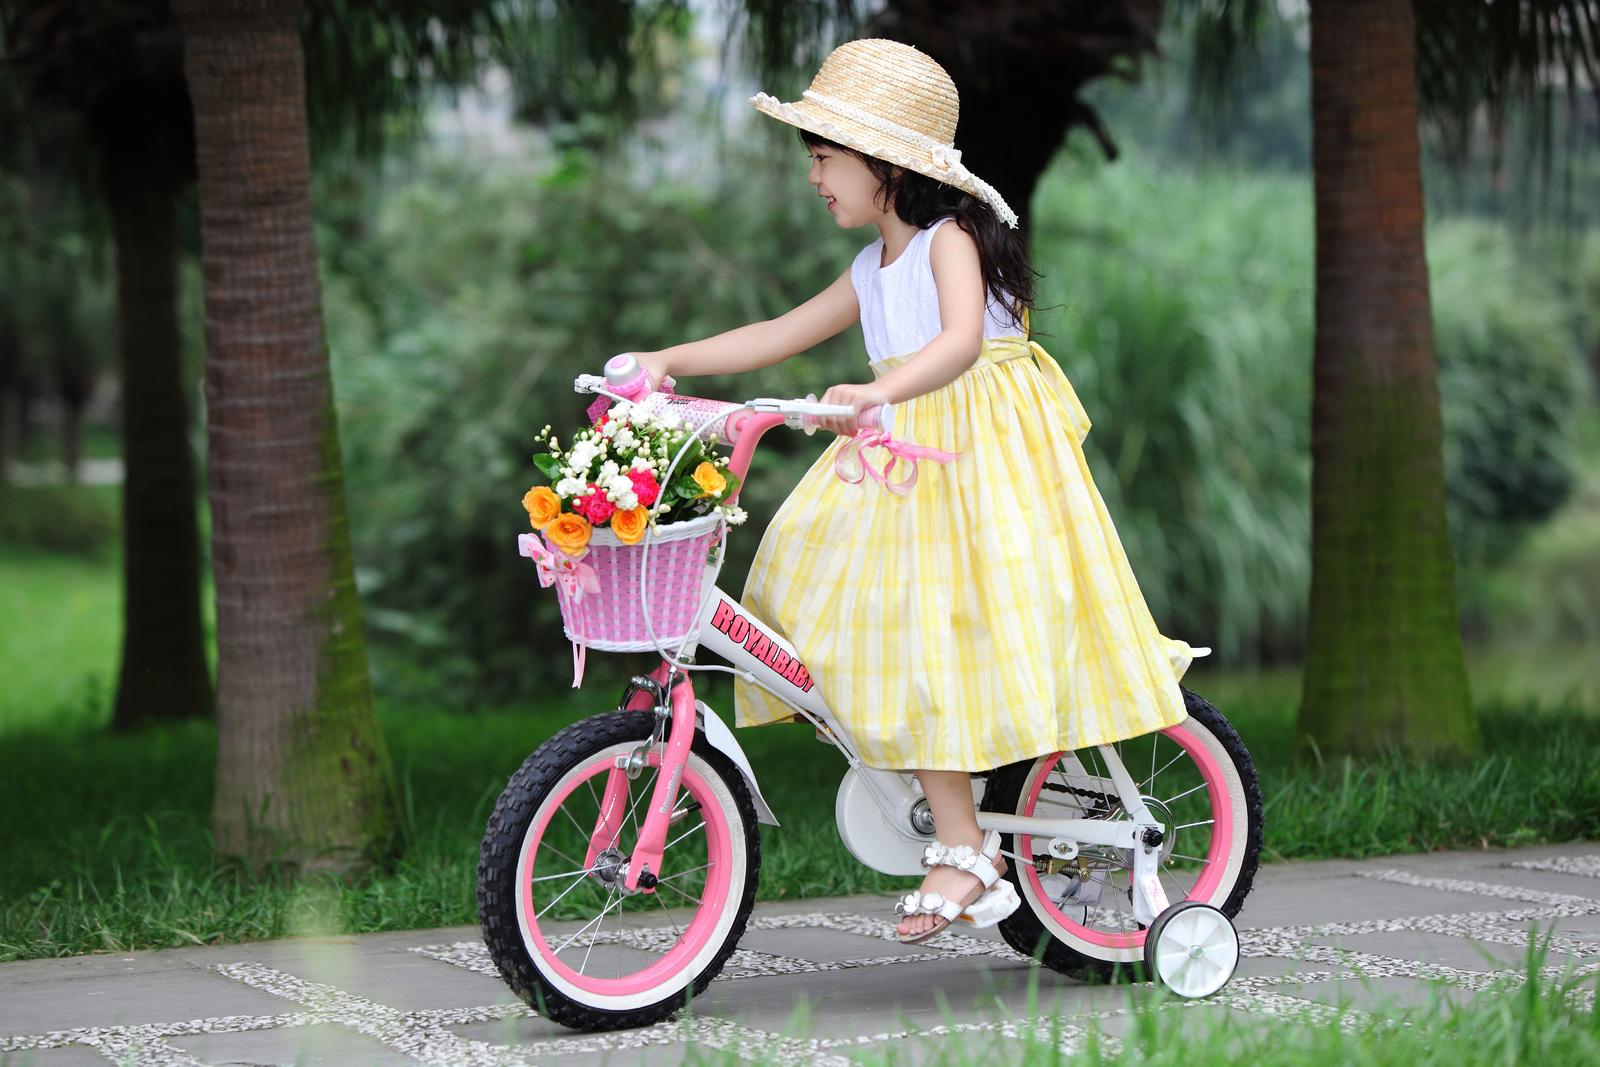 """RoyalBaby: Jenny G-4 - 14"""" Girl's Bike (White) image"""